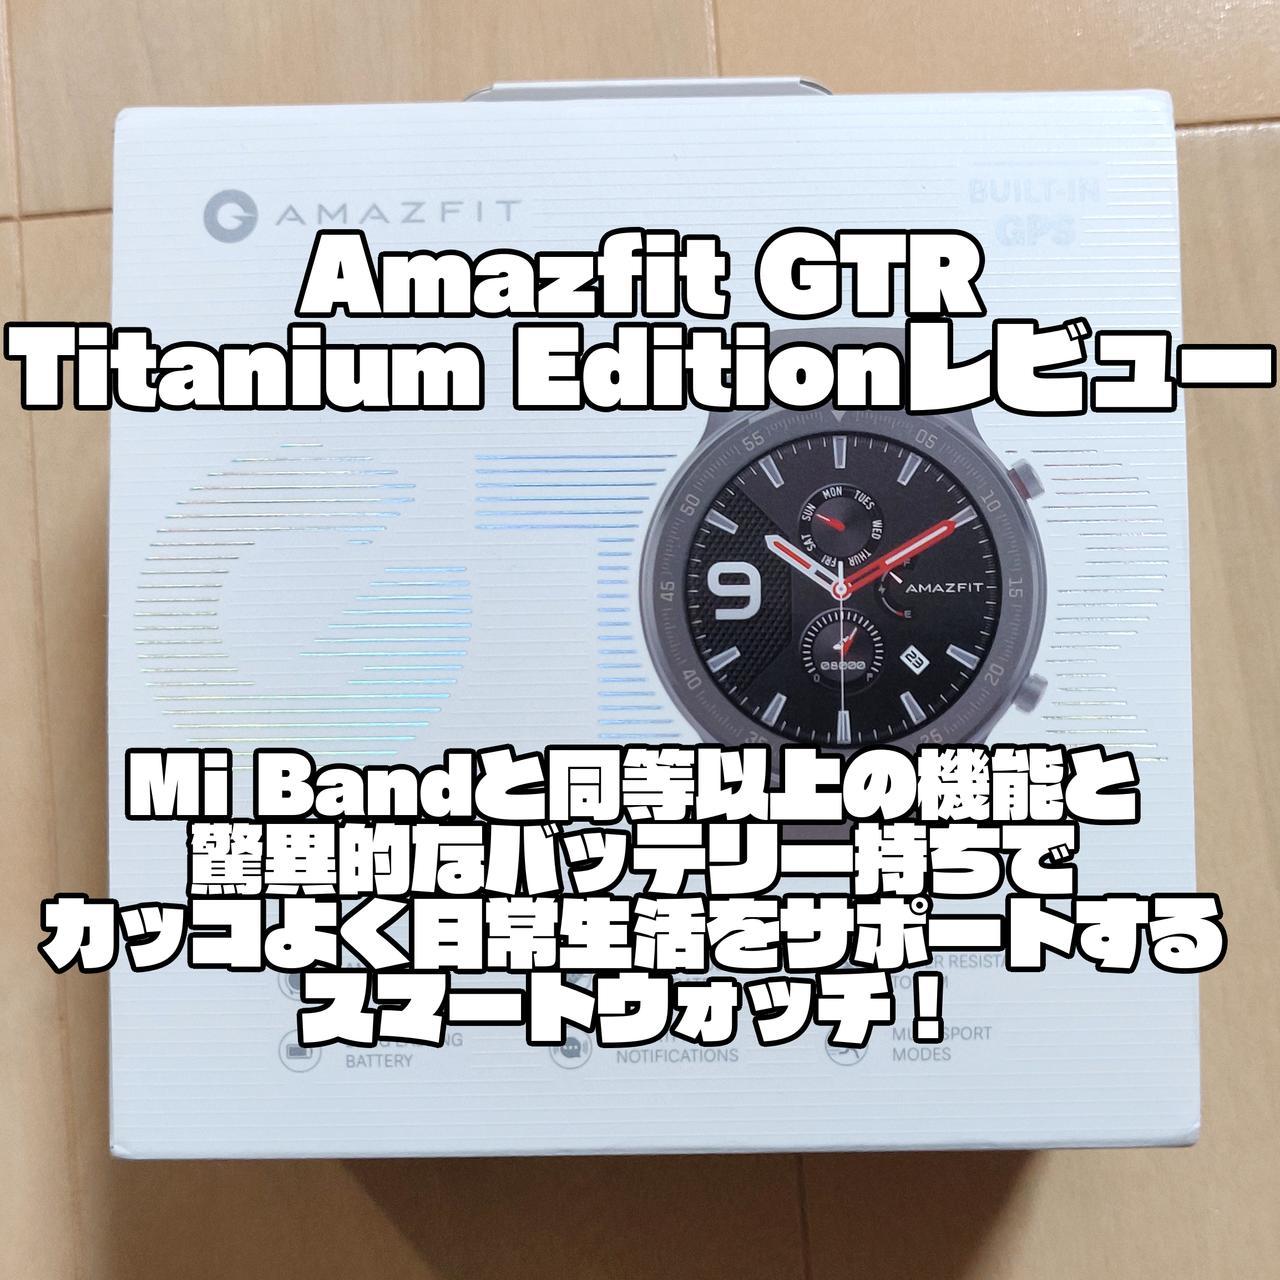 Amazfit GTR Titanium Editionレビュー Mi Bandと同等以上の機能と驚異的なバッテリー持ちでカッコよく日常生活をサポートするスマートウォッチ!